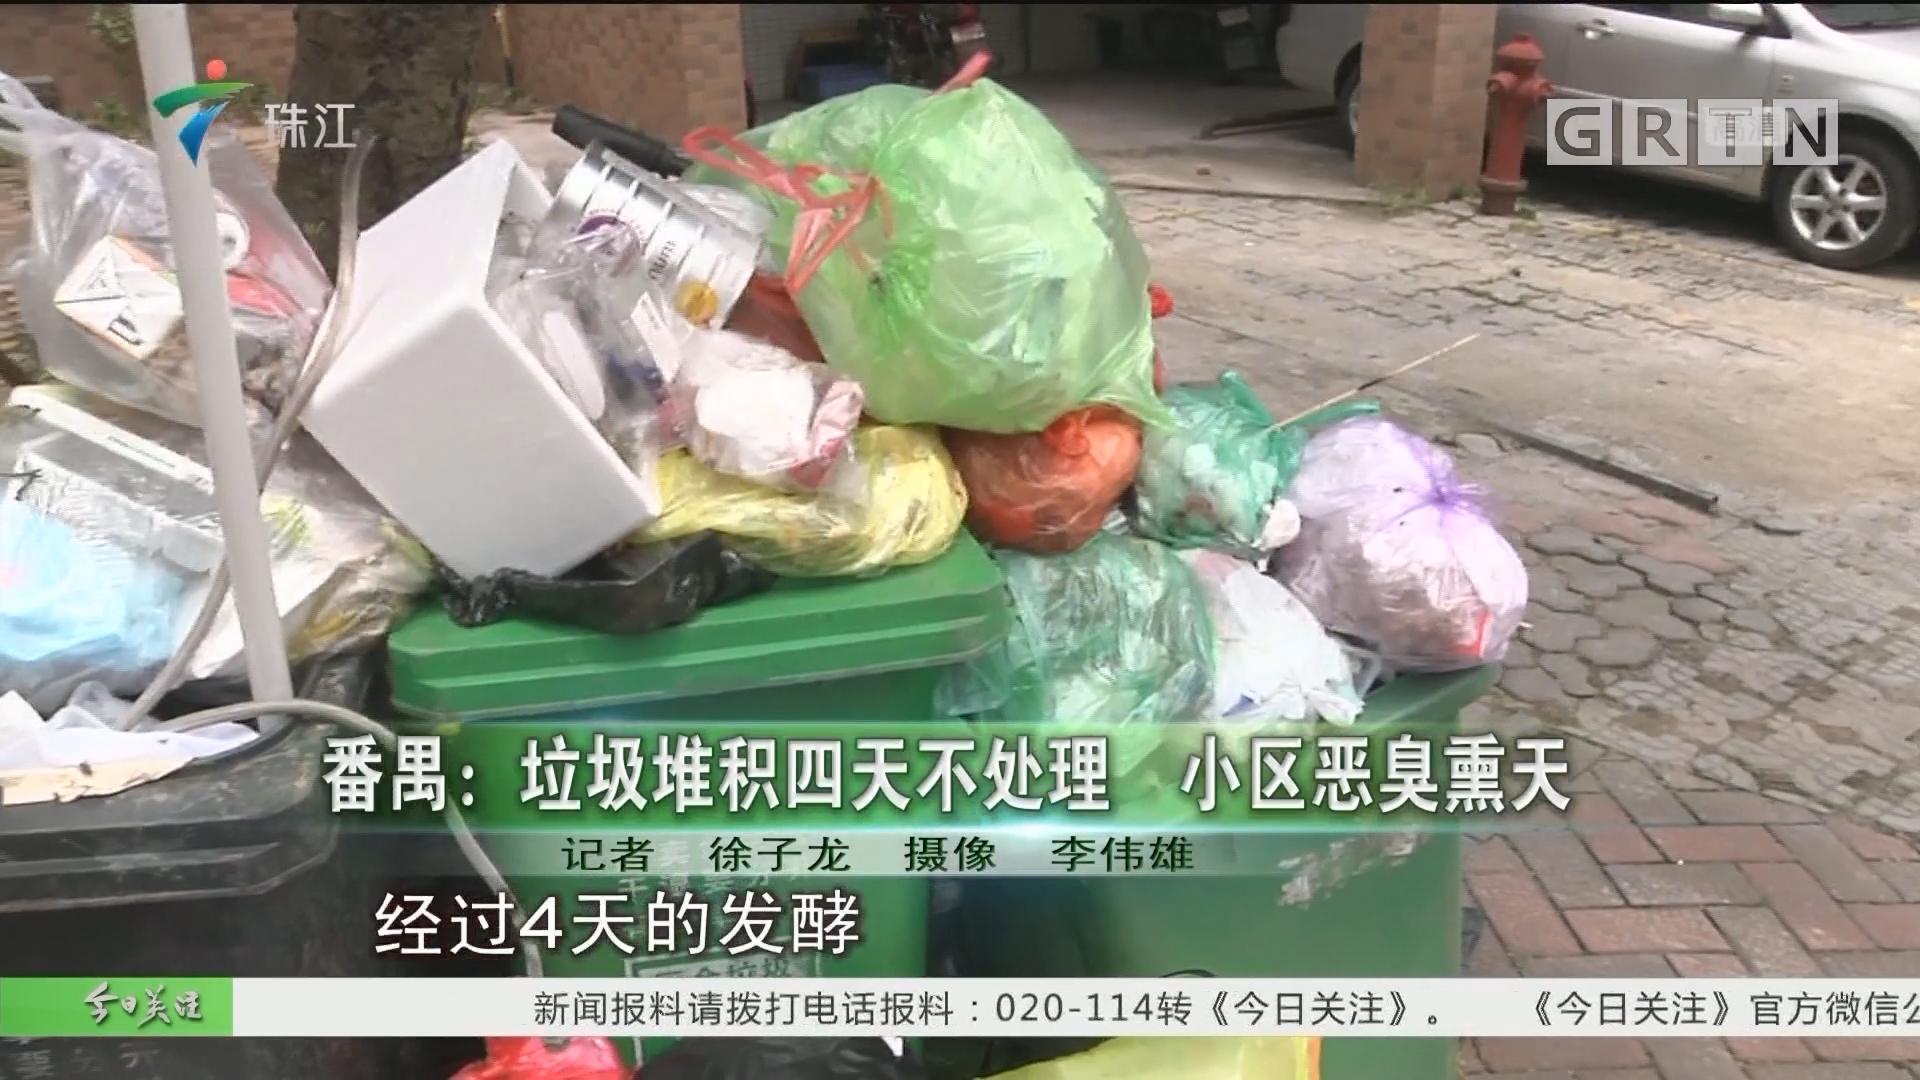 番禺:垃圾堆积四天不处理 小区恶臭熏天